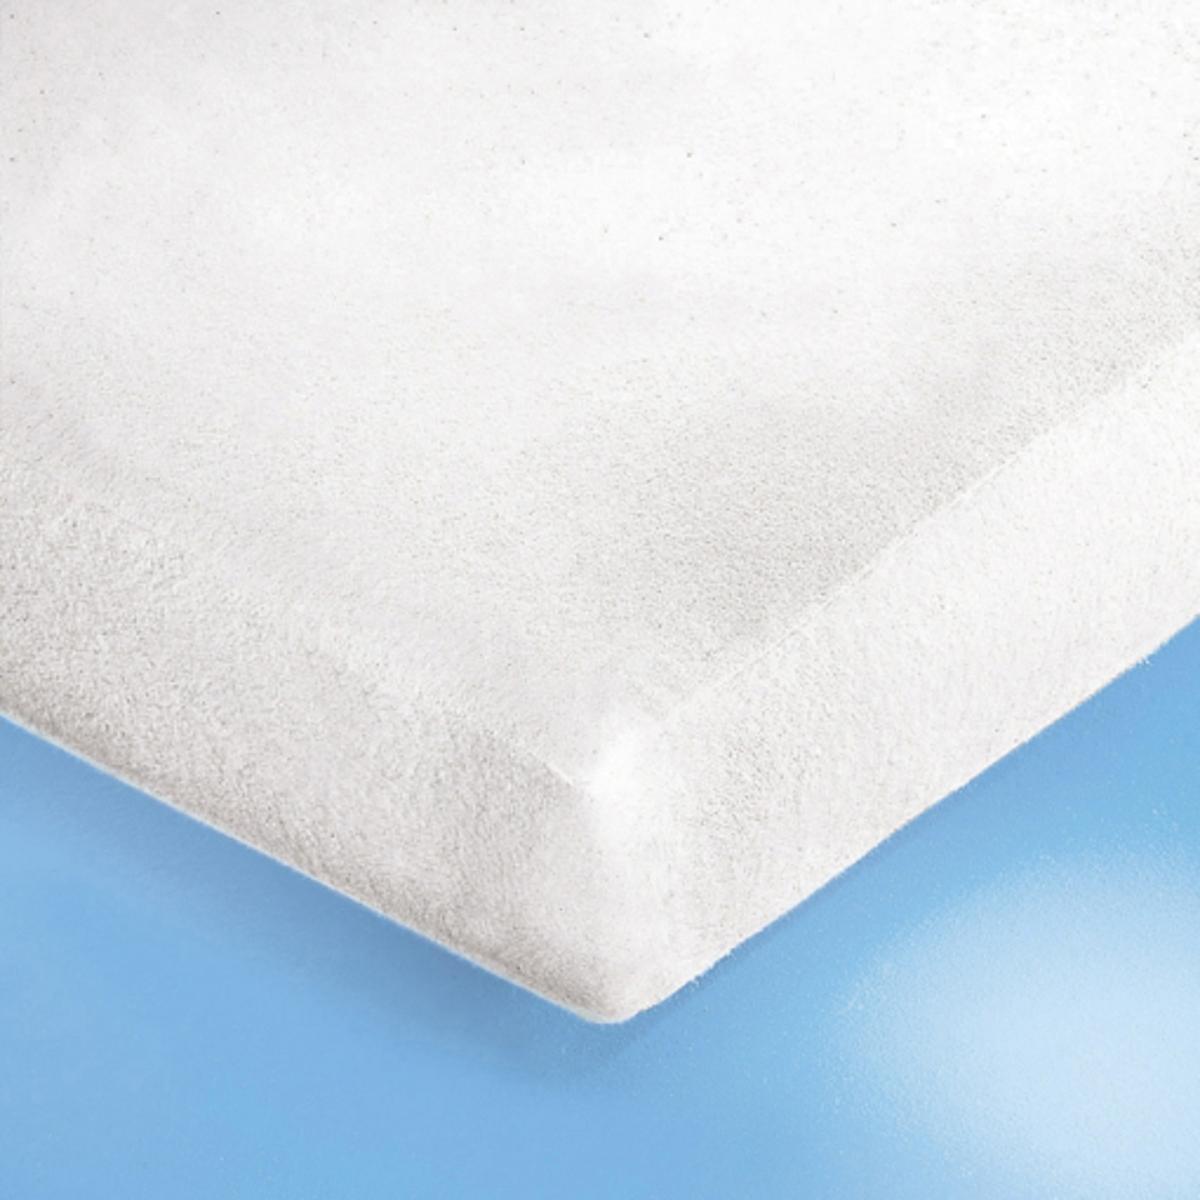 Чехол защитный для матраса из непромокаемого мольтона SANFOR с обработкой Passerelle®Защитный чехол для матраса из мольтона SANFORIS? (без усадки), полиуретановая пропитка, обработка PASSERELLE® : улучшает контроль потоотделения и удаляет влагу для отличного комфорта.Защитный чехол для матраса из мольтона с полиуретановой пропиткой, 190 г/м2. Клапаны из эластичного джерси (высота. 27 см). Машинная стирка при 60 °С.<br><br>Цвет: белый